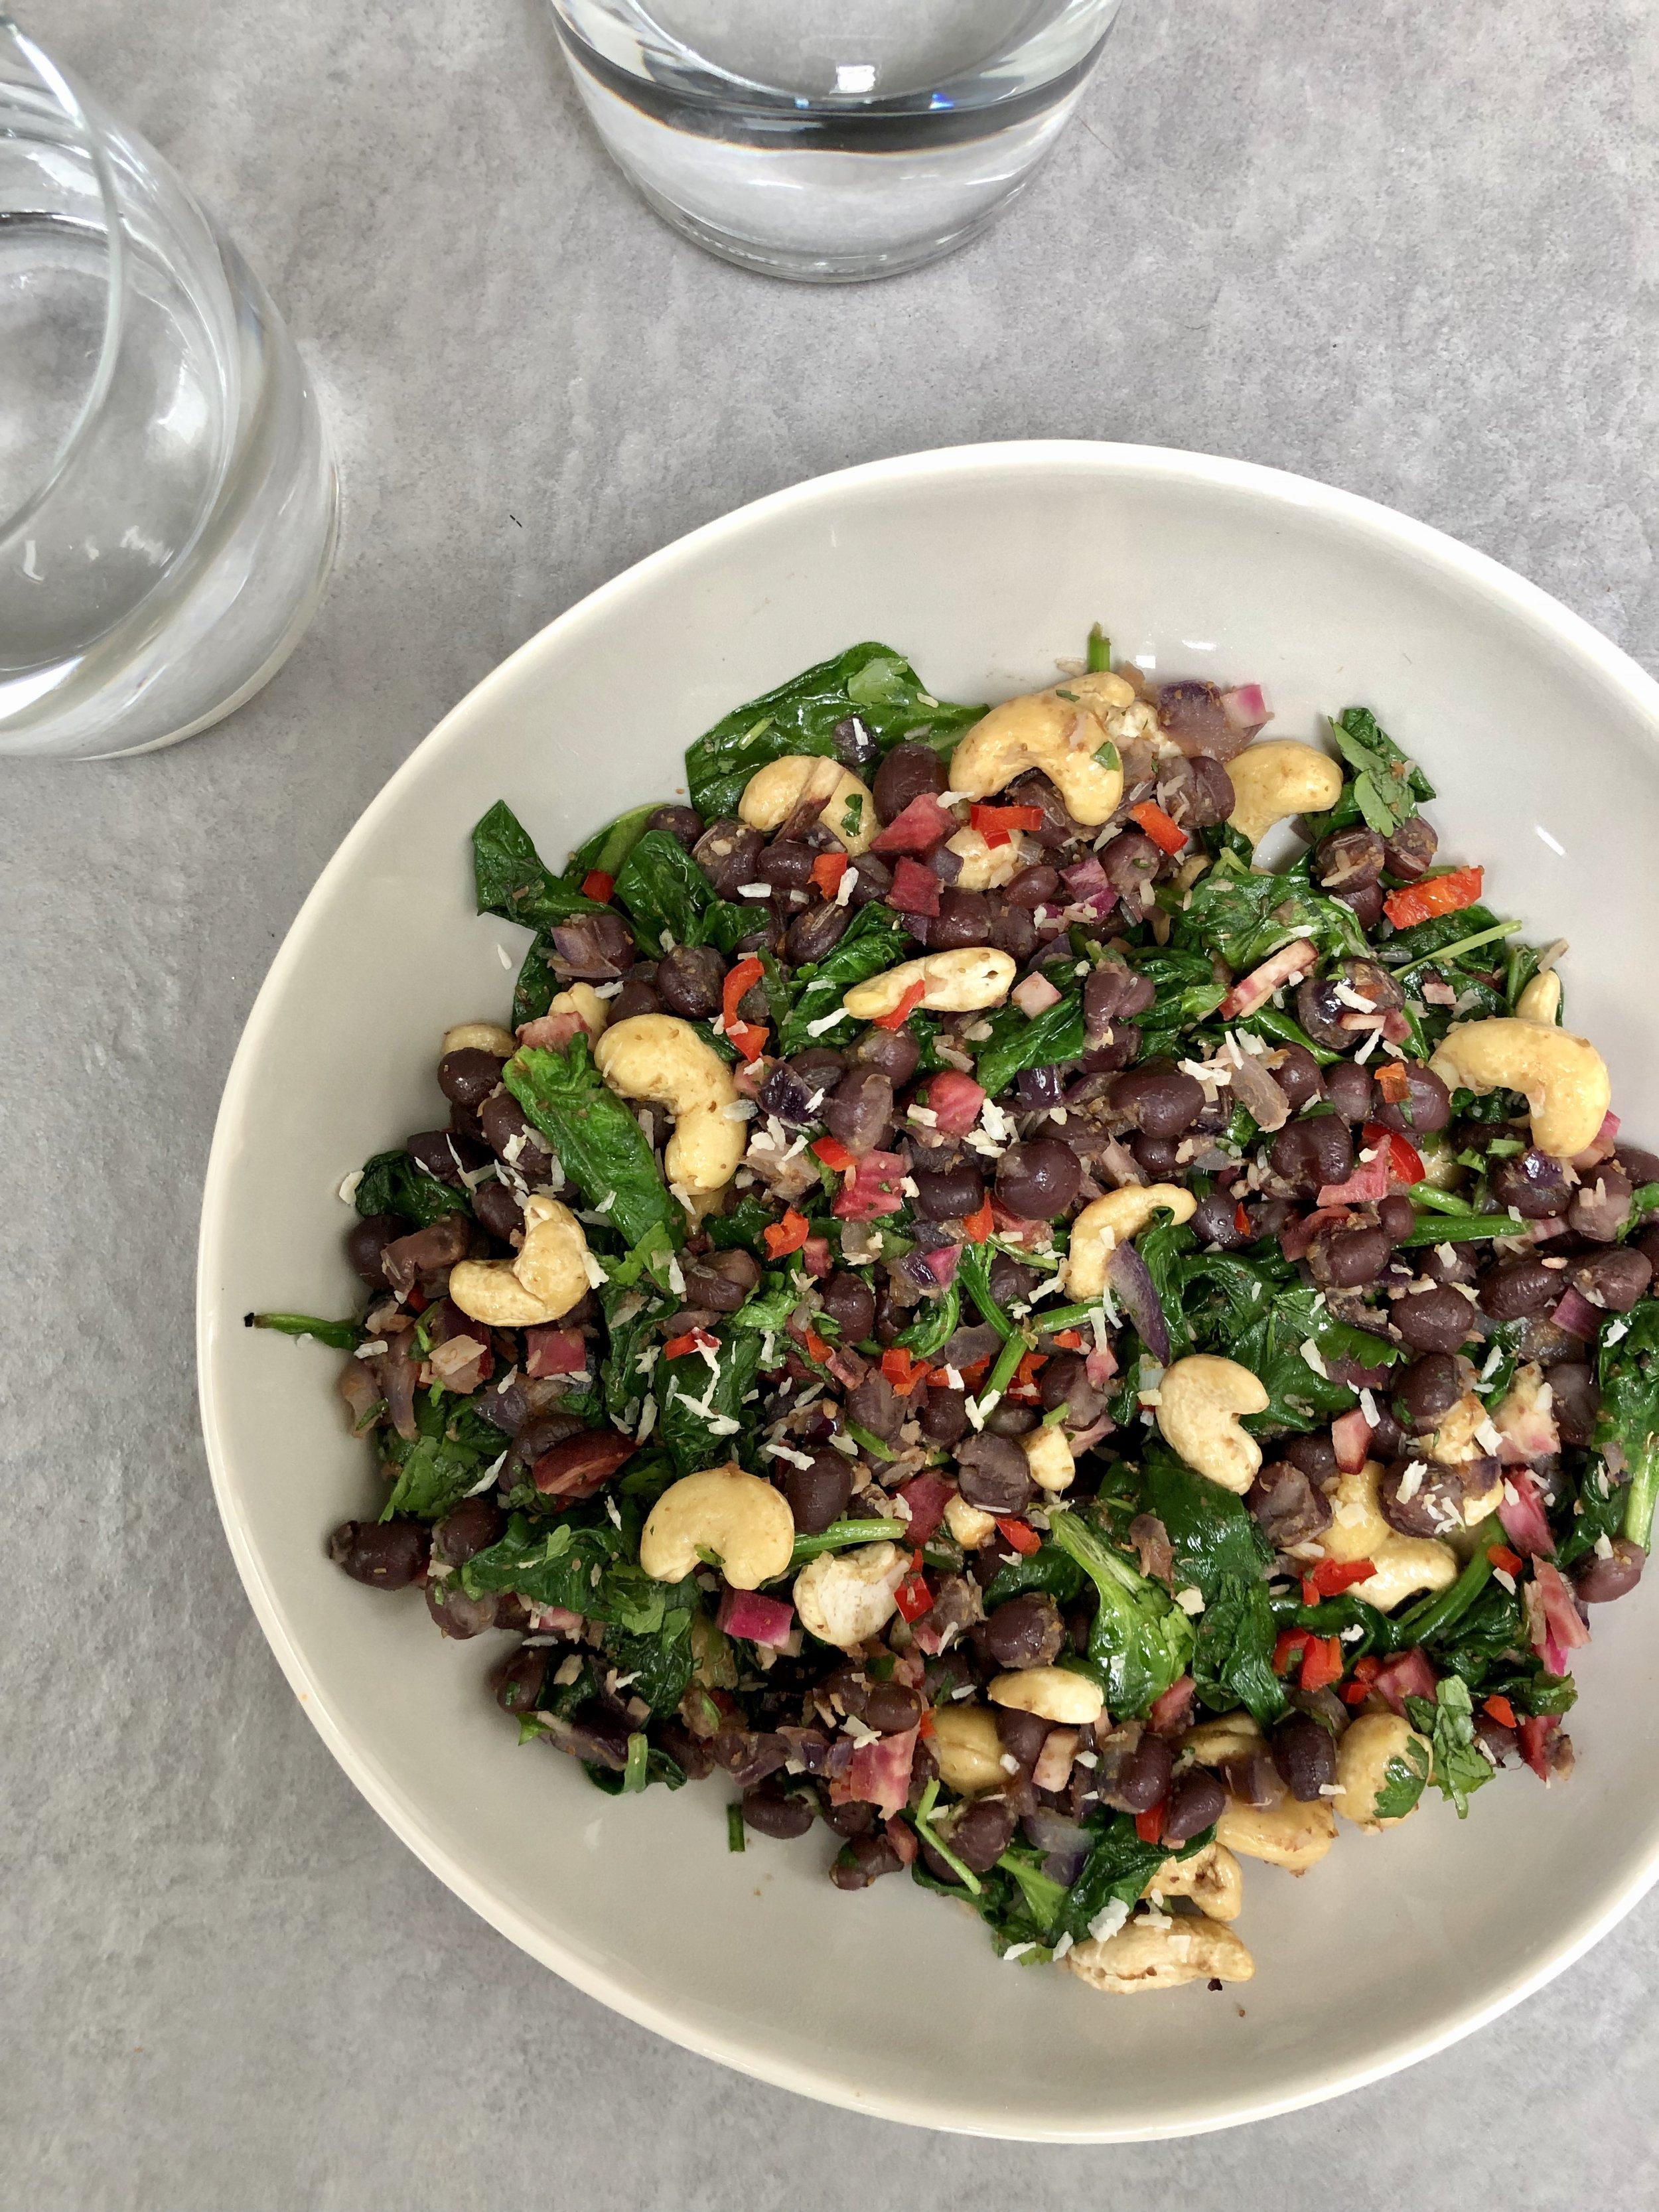 adzuki bean spinach and cashew salad